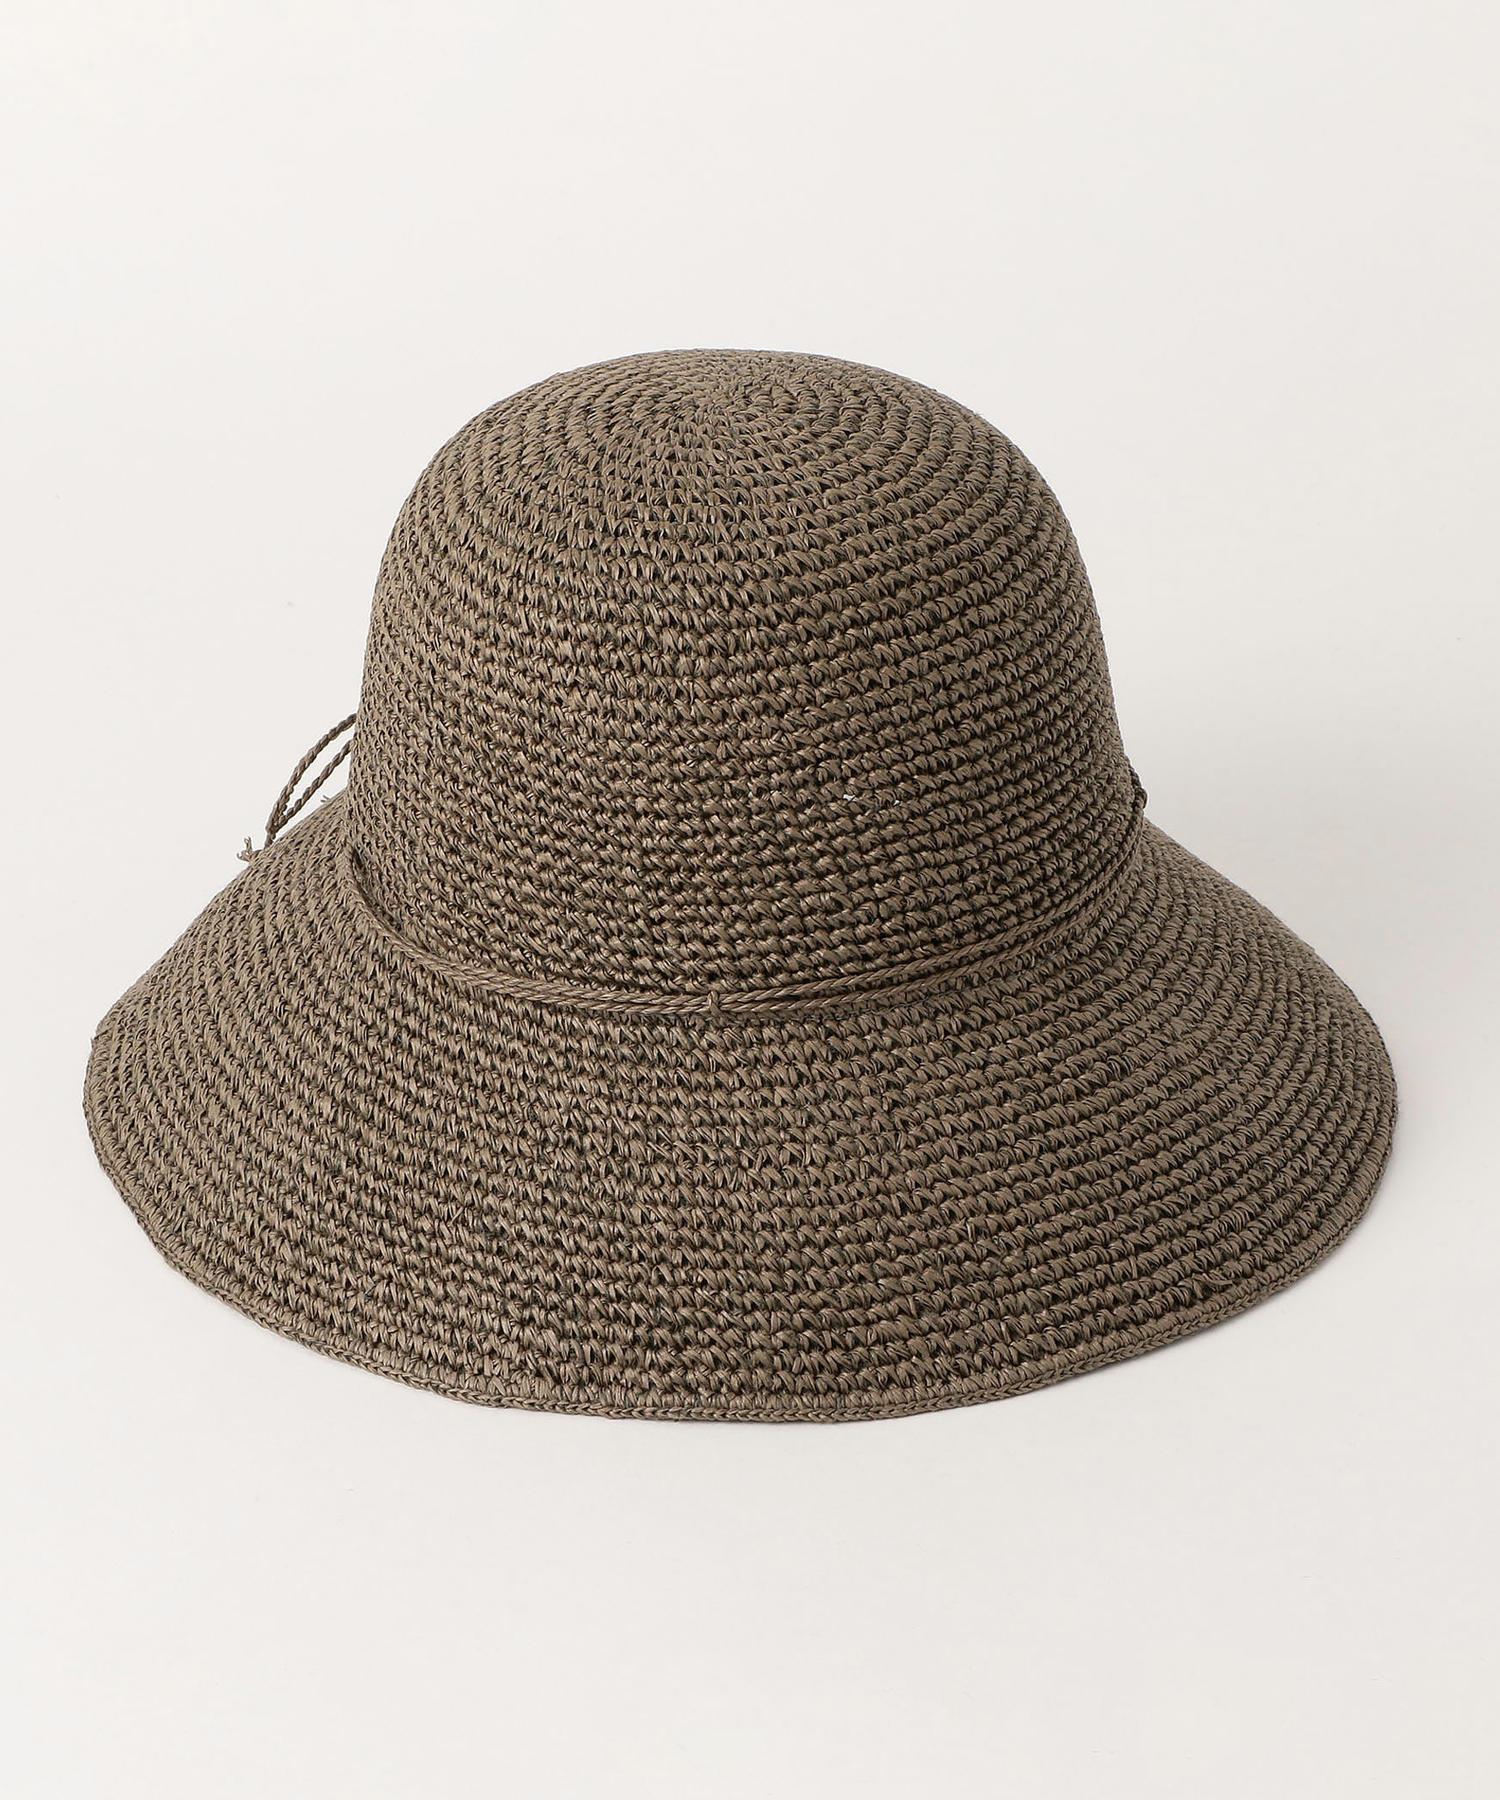 ウォッシャブル 洗える たためる リゾート帽子 グリーンレーベルリラクシング